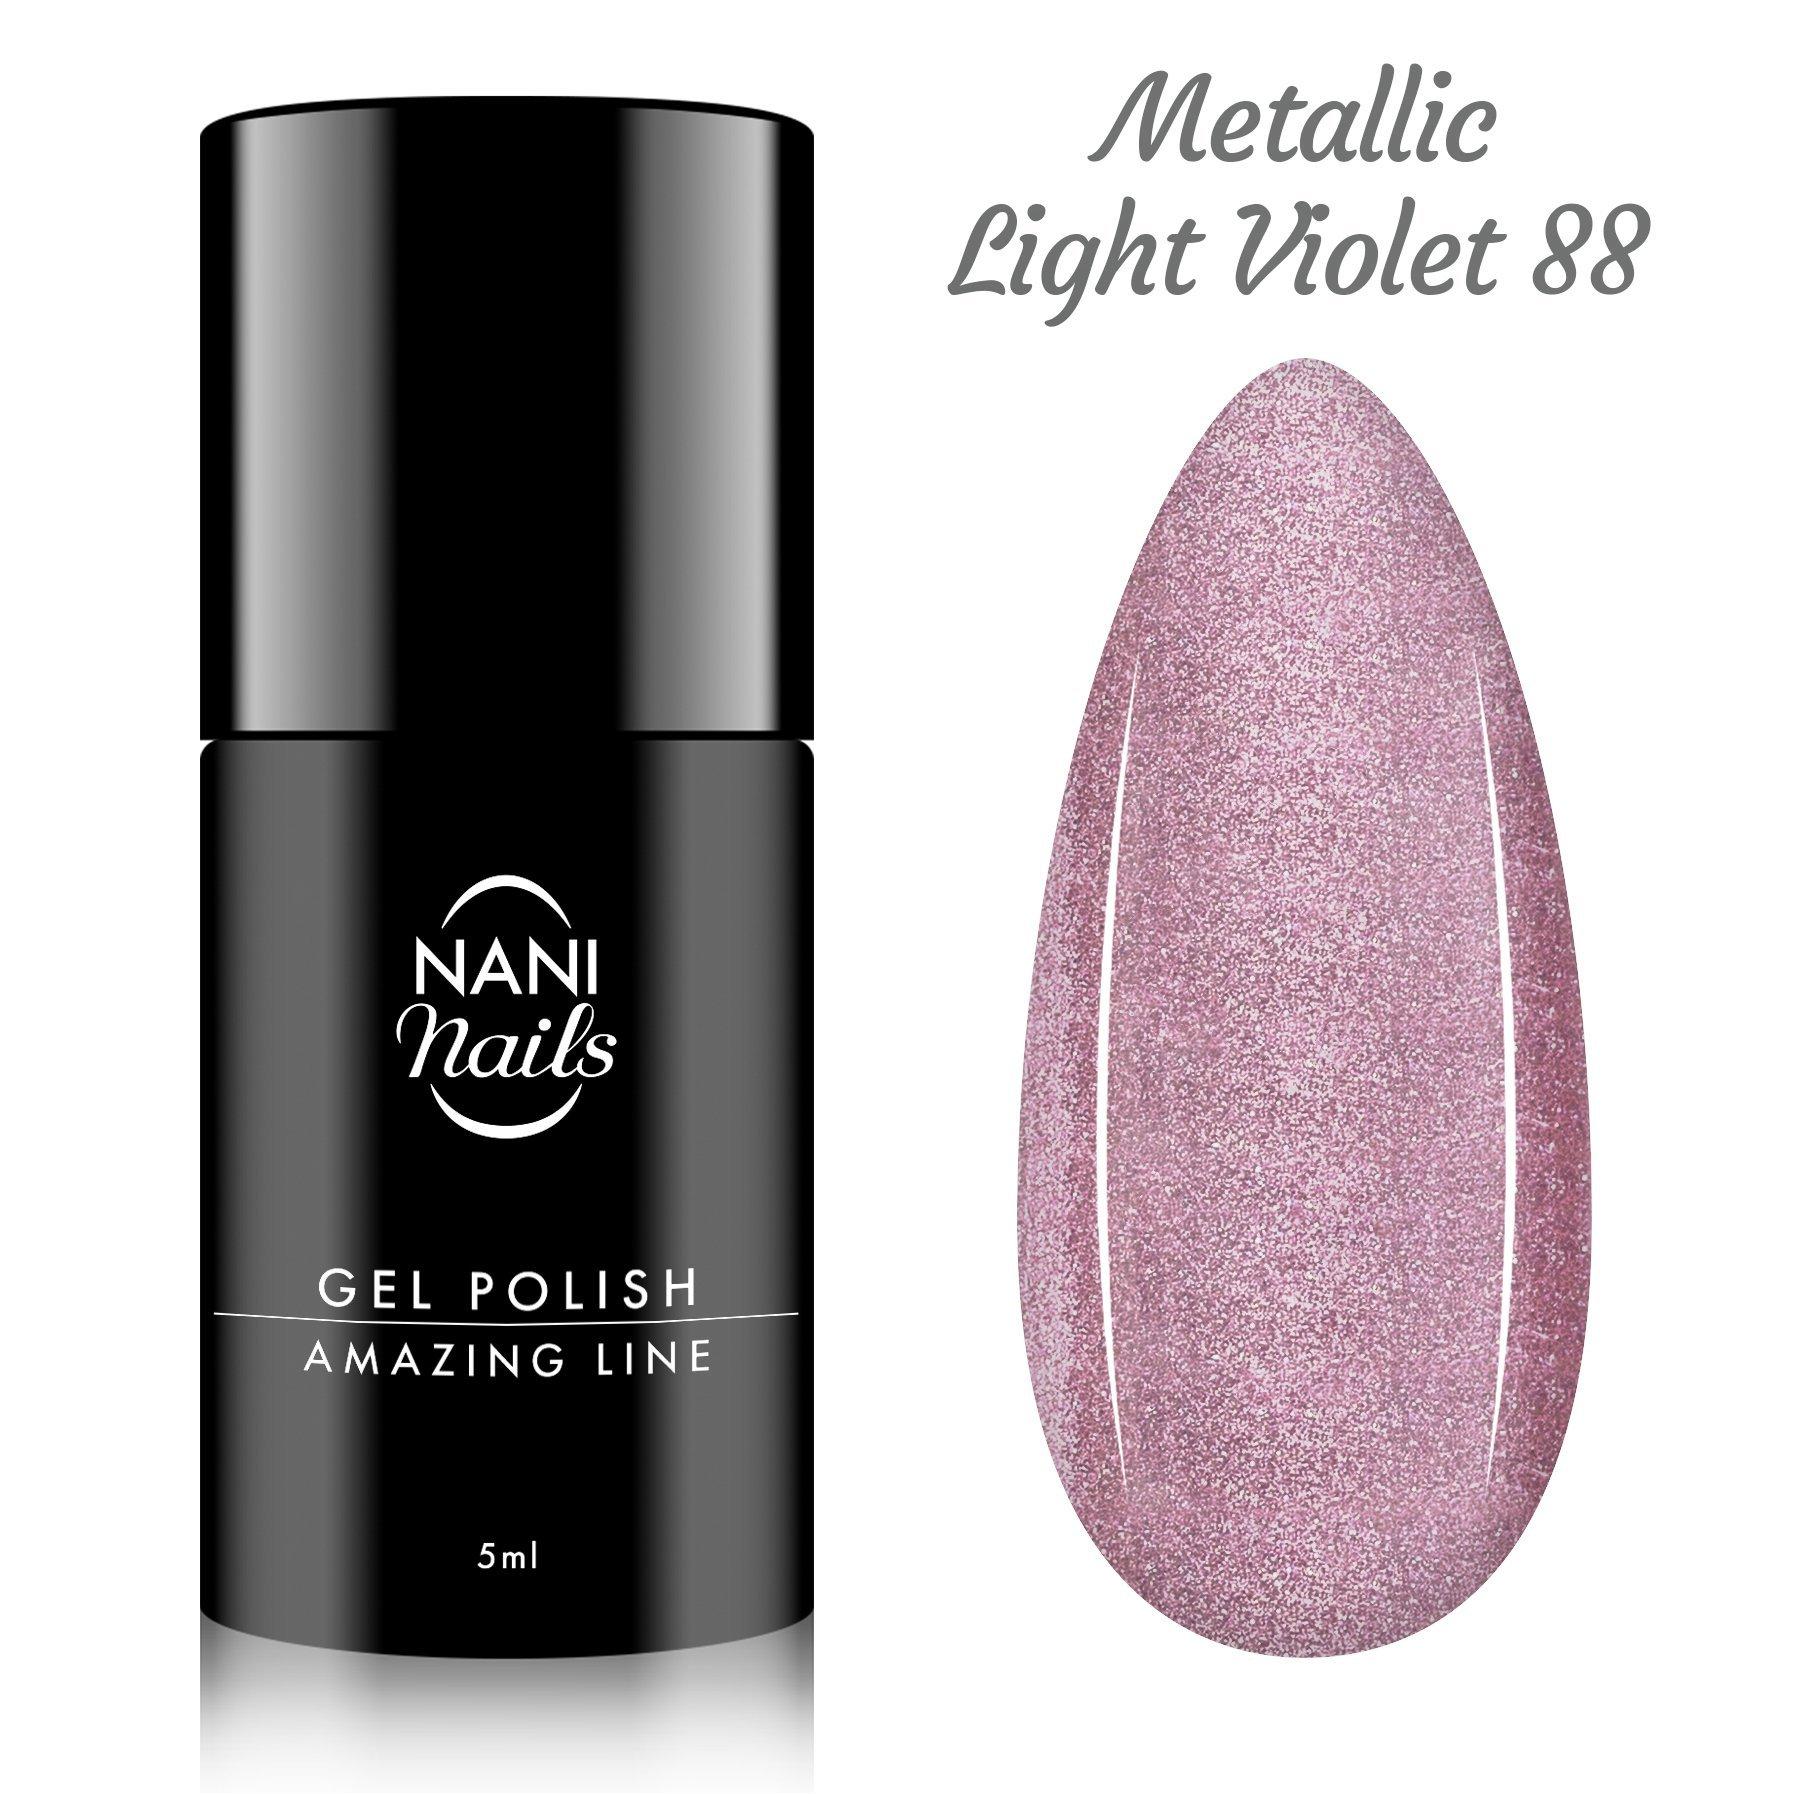 NANI gél lak Amazing Line 5 ml - Metallic Light Violet